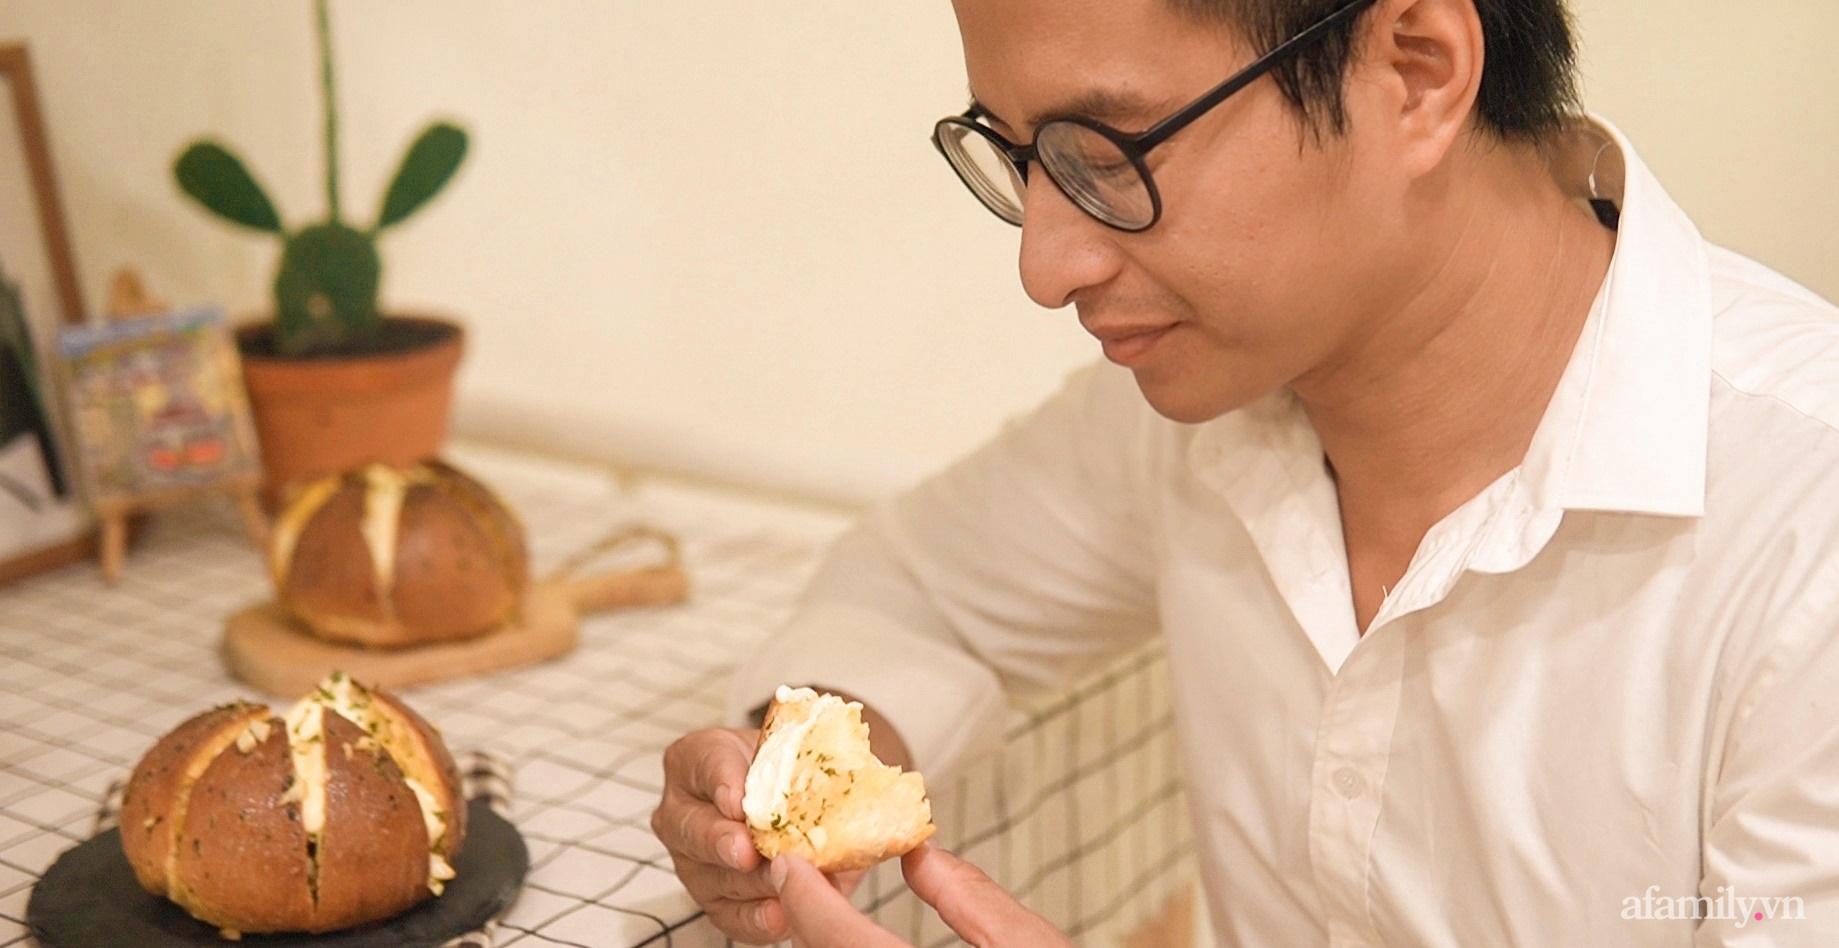 """Căn bếp """"lạ đời"""" trên tầng 4 trong căn nhà phố Sài Gòn luôn thơm nức mùi bơ bánh - Ảnh 16."""